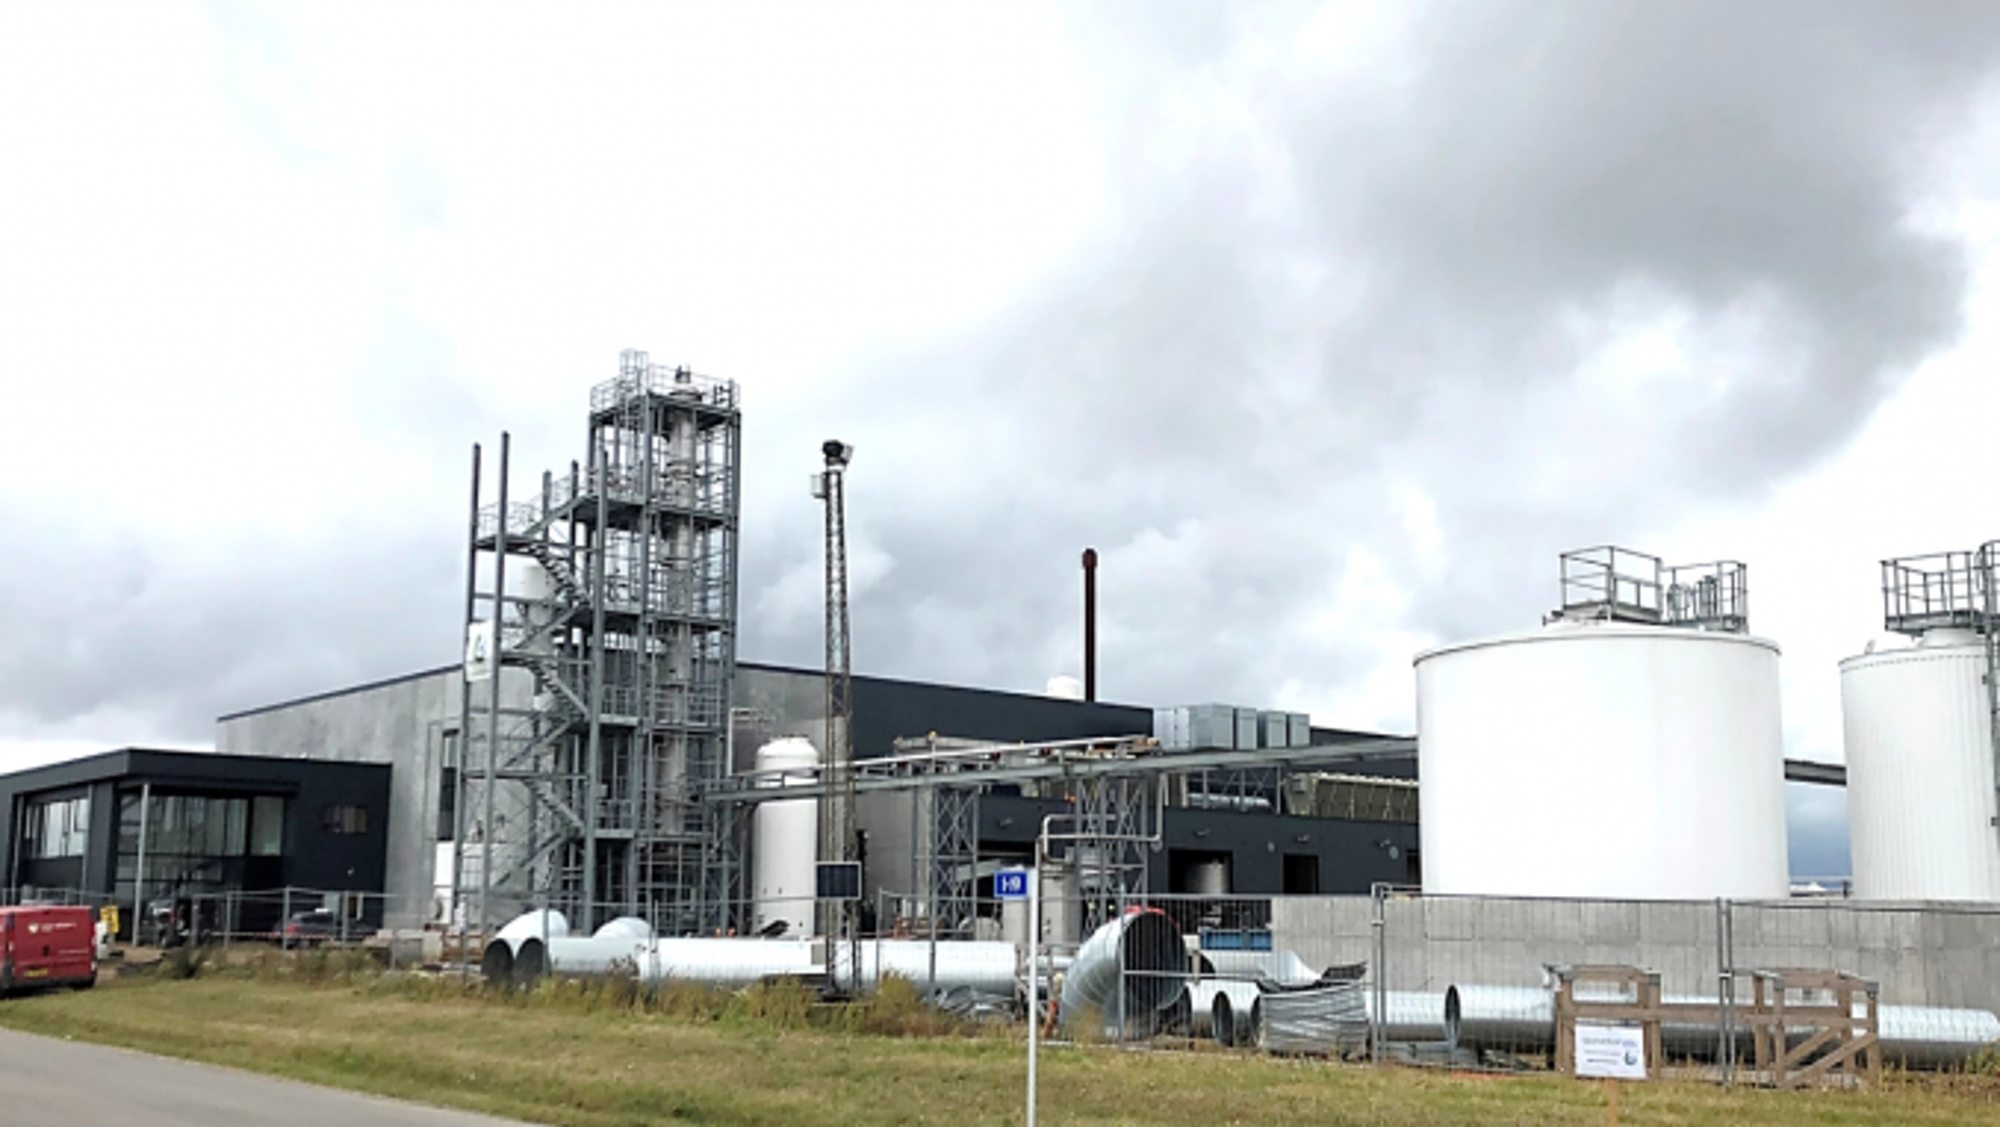 Quantafuel-fabrikken i Skive i Danmark har hatt problemer med å få diesel utvunnet fra plastavfall som gjenvinning. Nå blir plastavfallet ny plast i stedet.